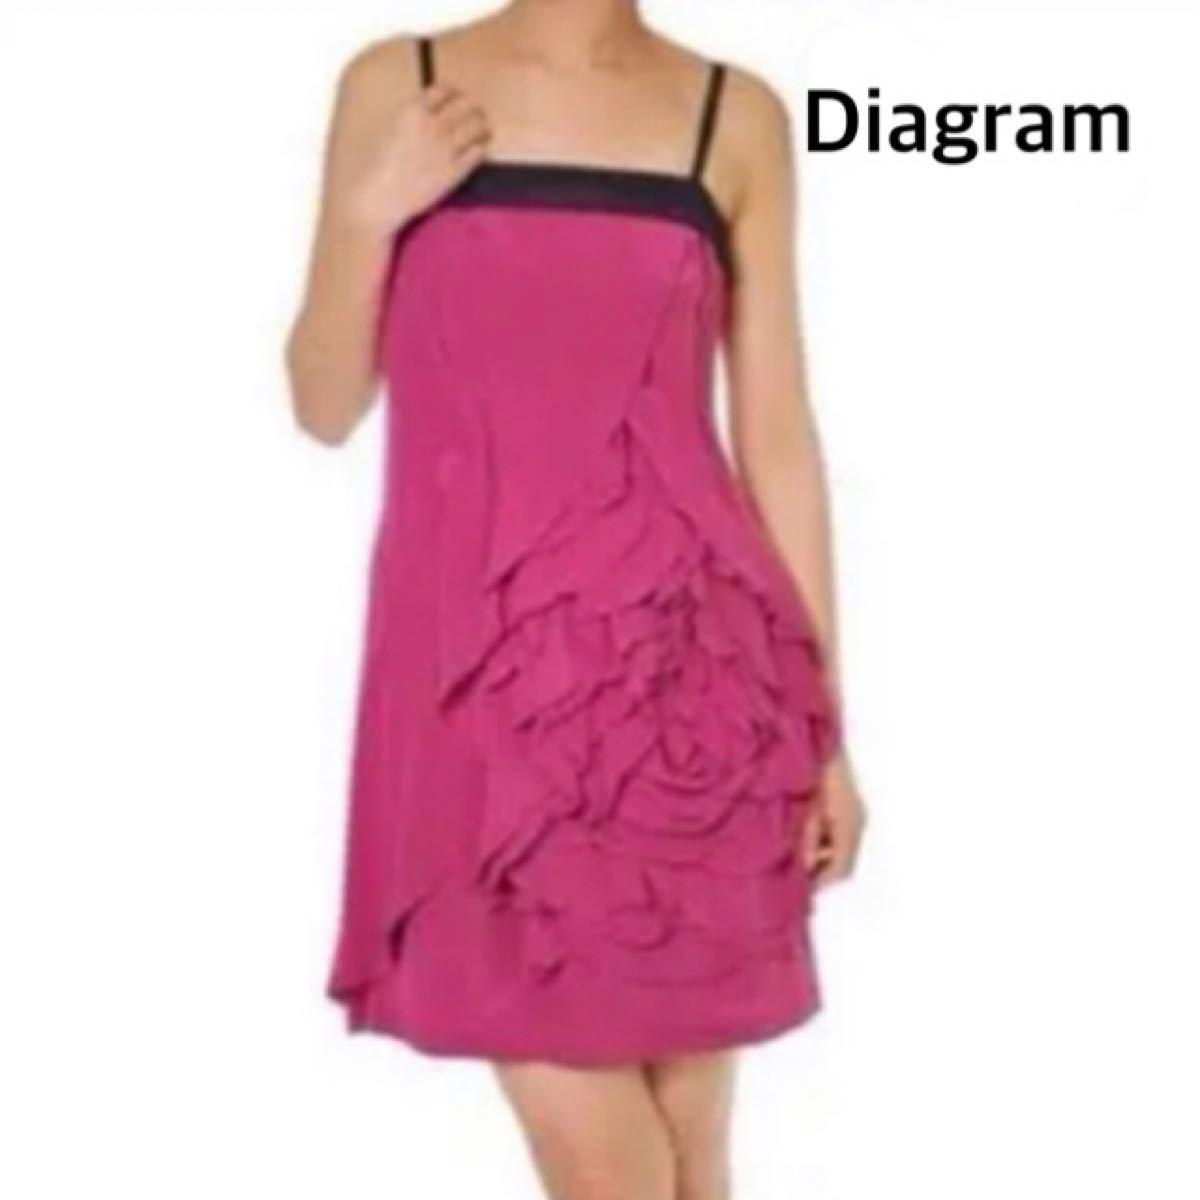 ダイアグラム グレースコンチネンタル ドレス ワンピース パーティー 結婚式 ローズピンク